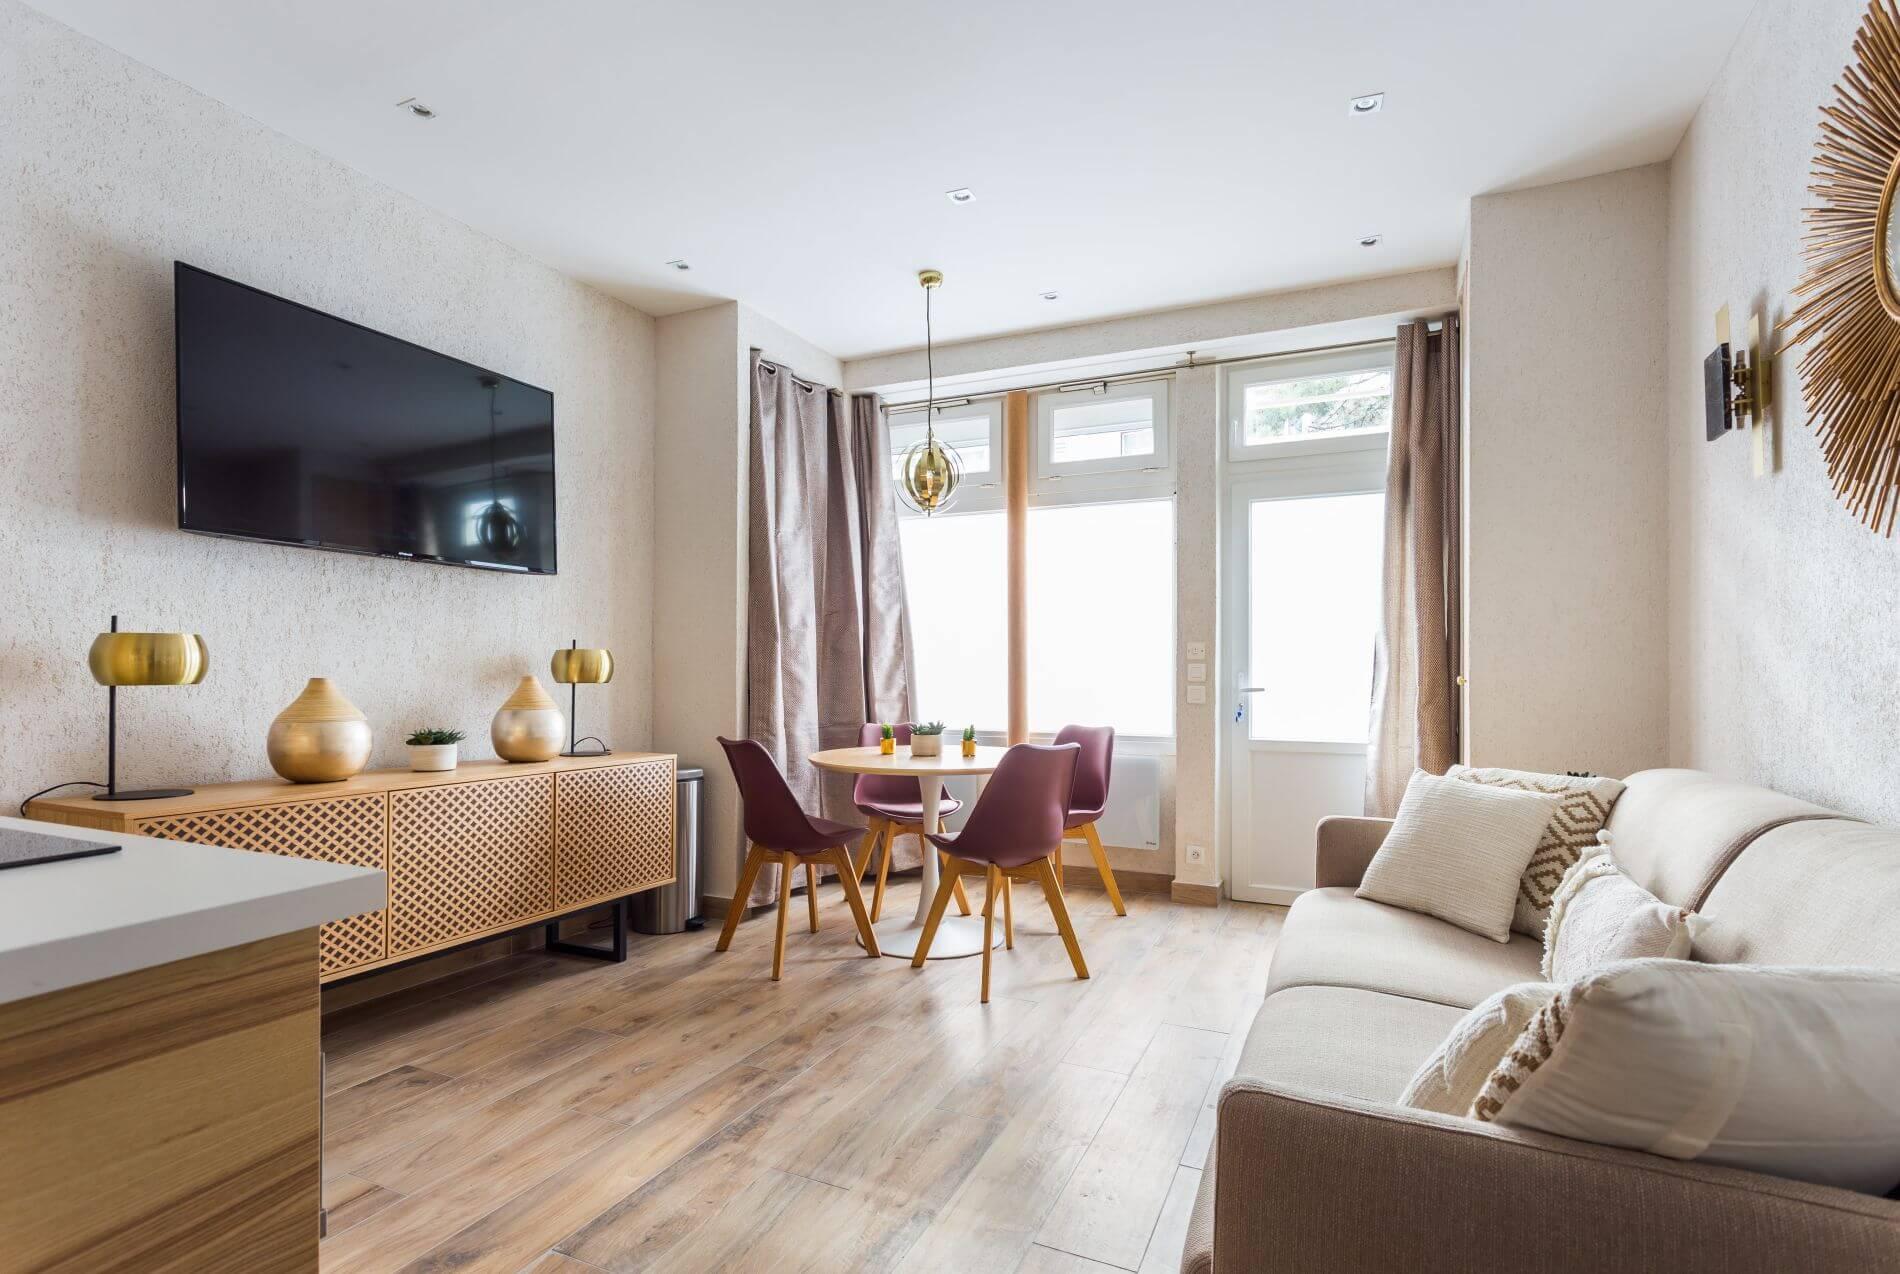 Serviced apartment in Place de la Nation, Paris